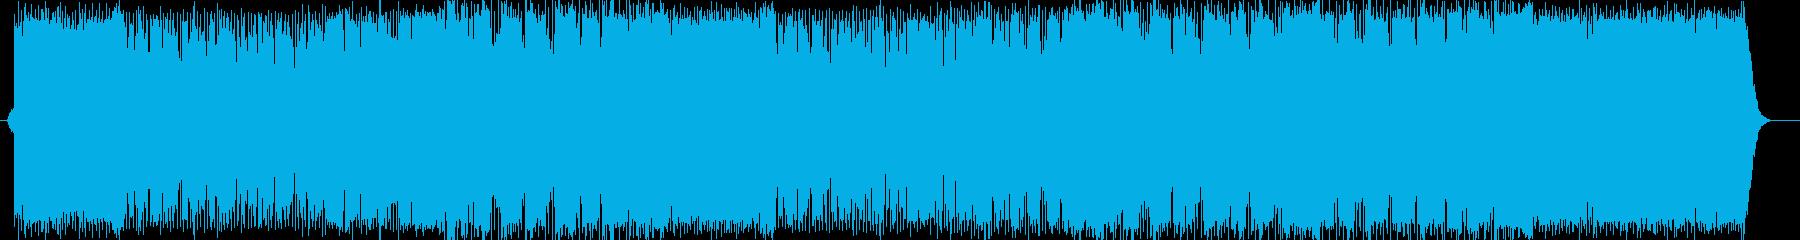 daydreamerの再生済みの波形